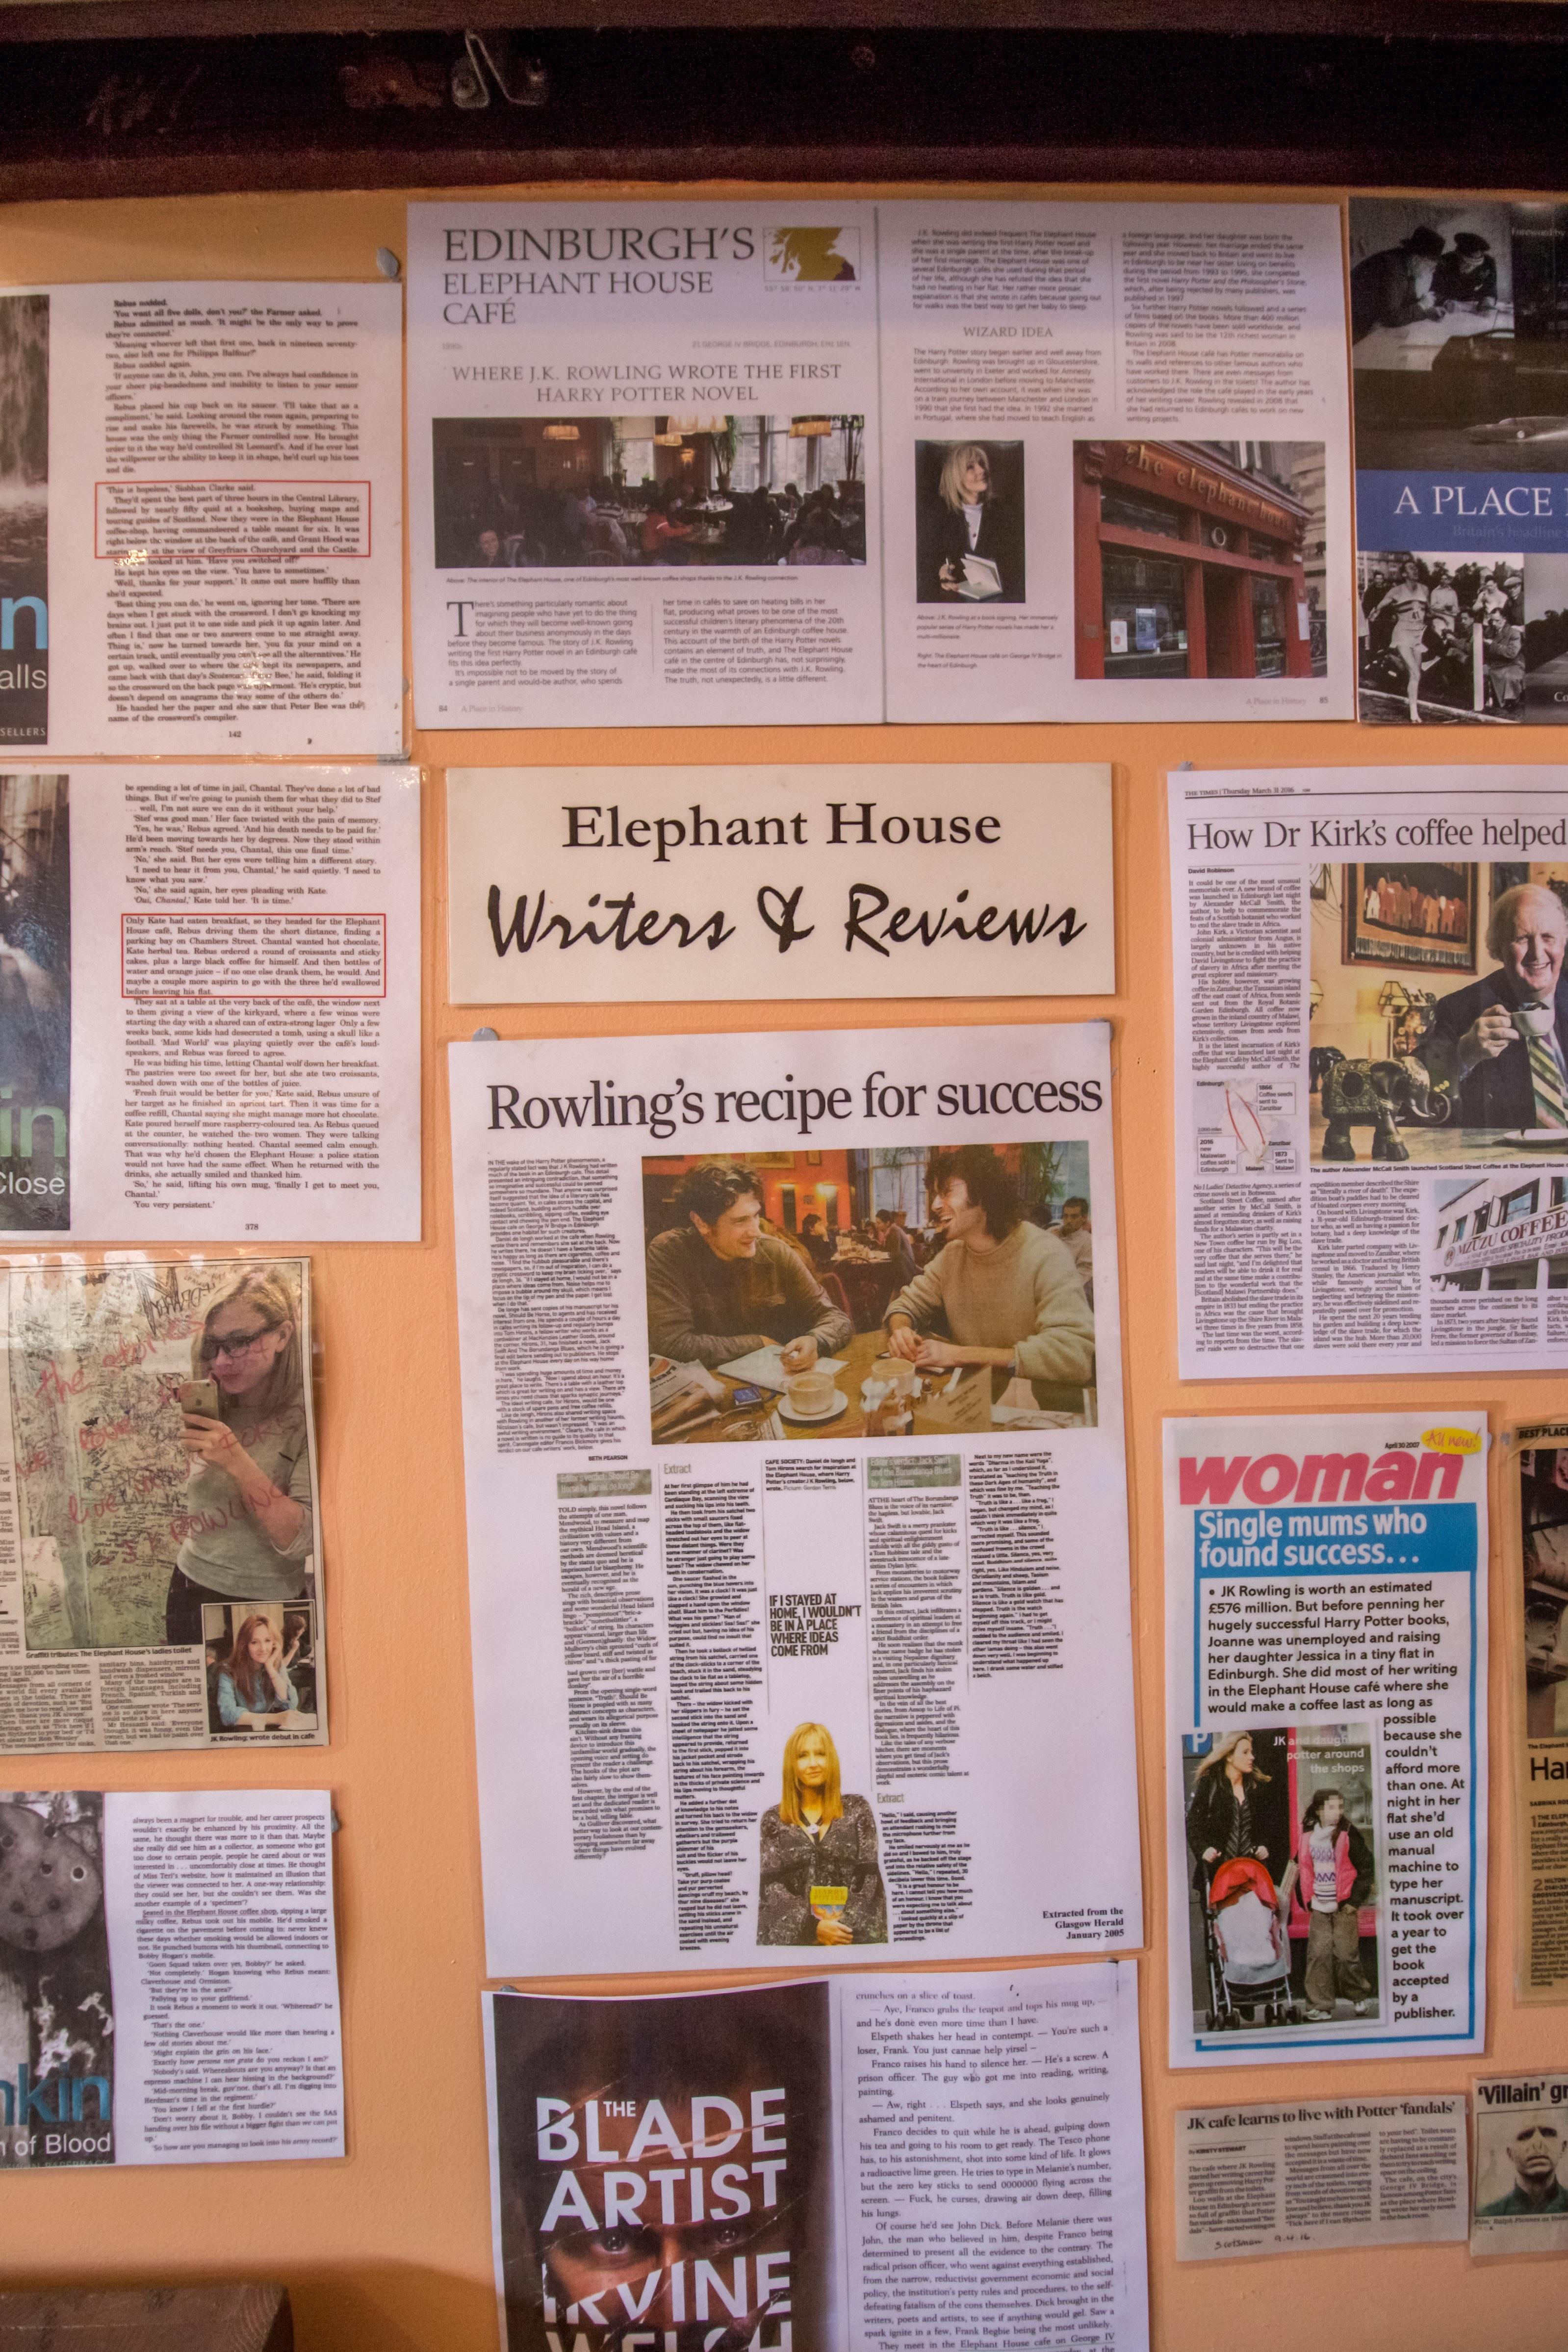 9713592e7971  Harry Potter  guide to Edinburgh